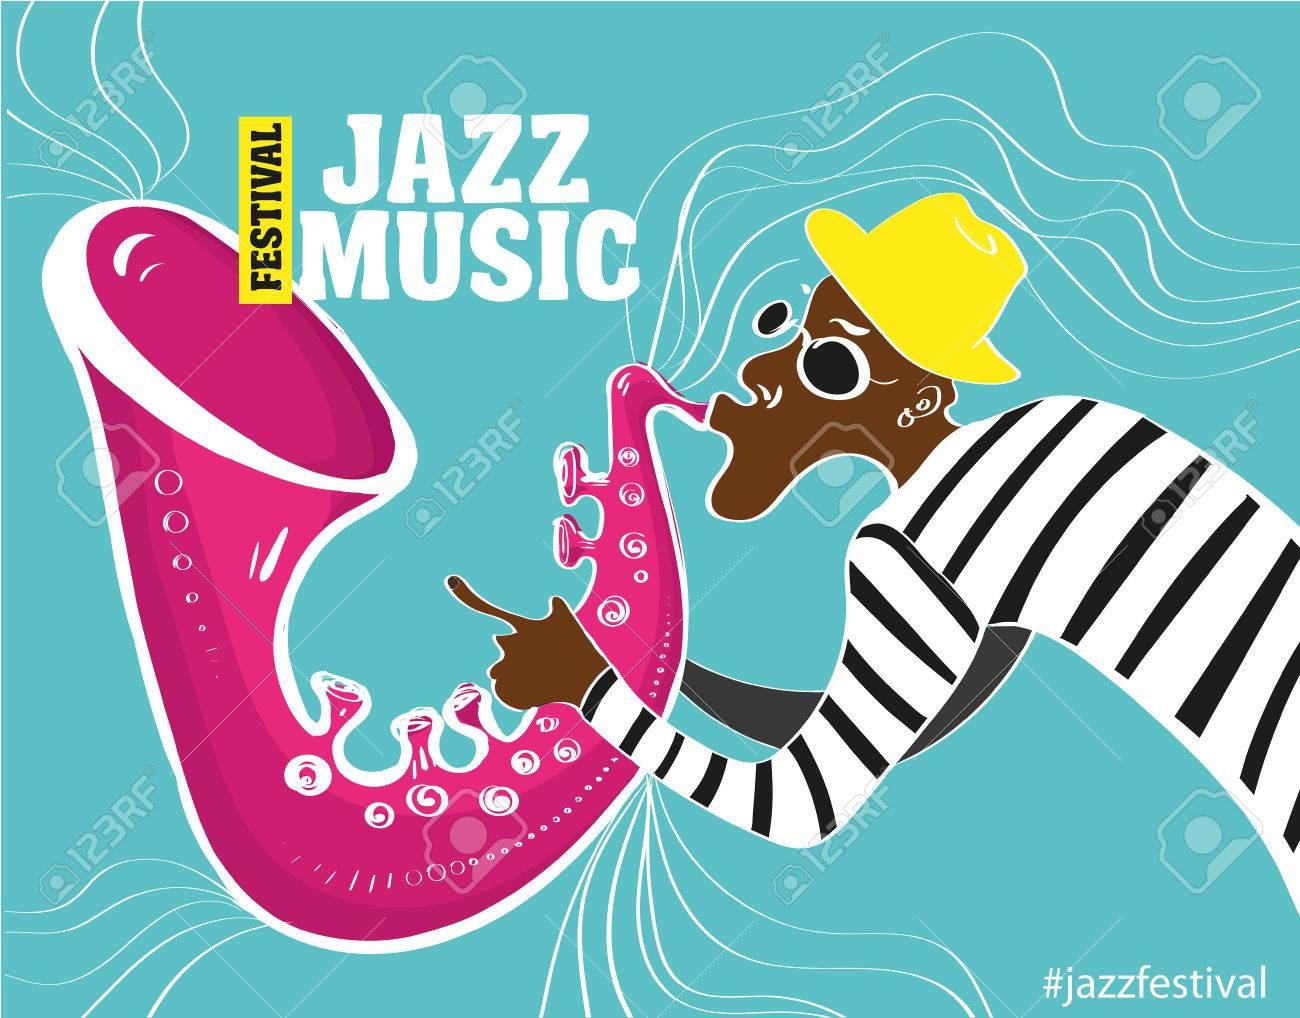 音楽ジャズ ポスターサックス奏者ジャズ ポスターのベクトル イラスト